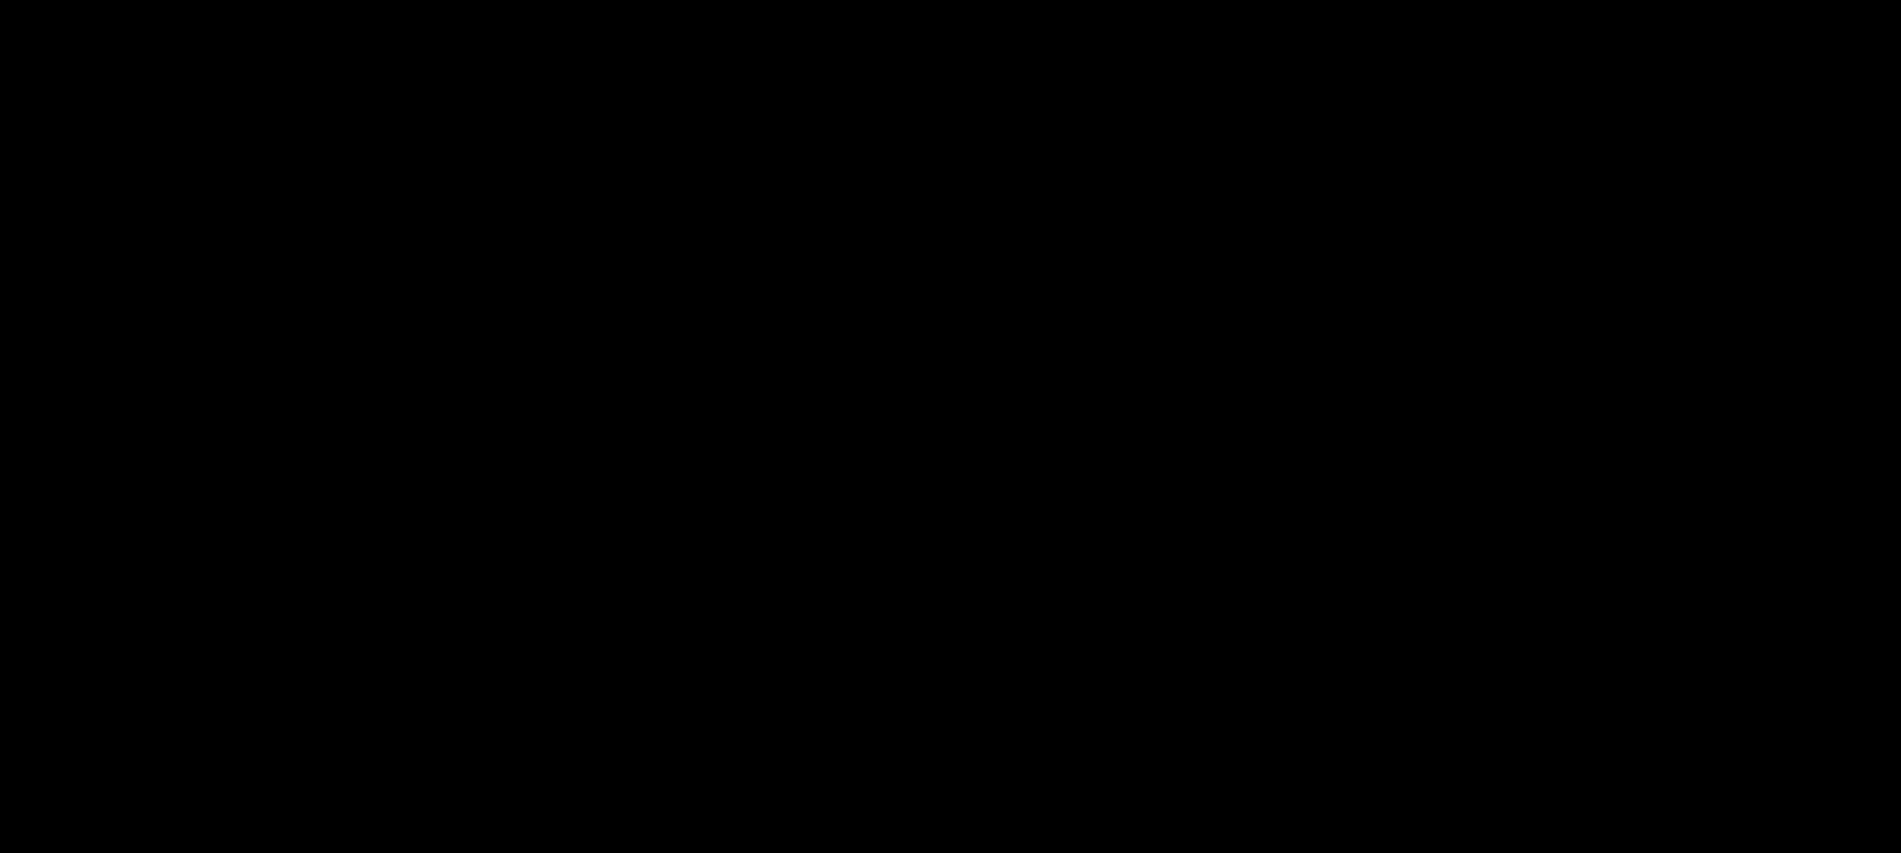 Sunitinib N,N-dimethyl impurity